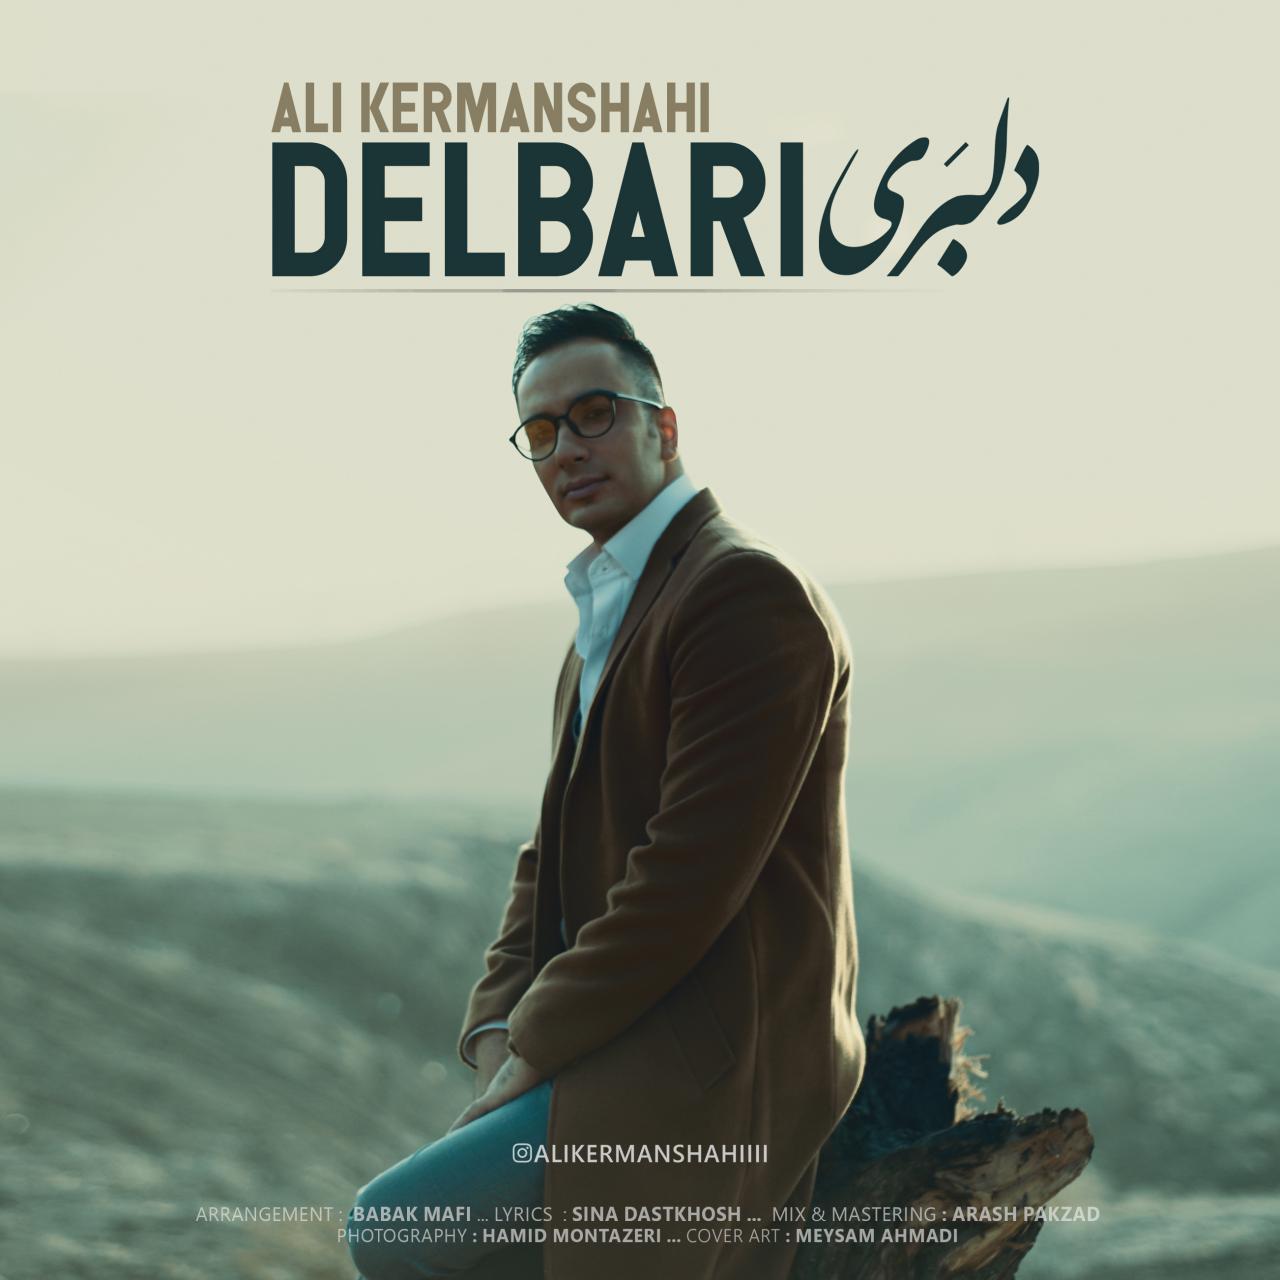 علی کرمانشاهی به نام دلبری